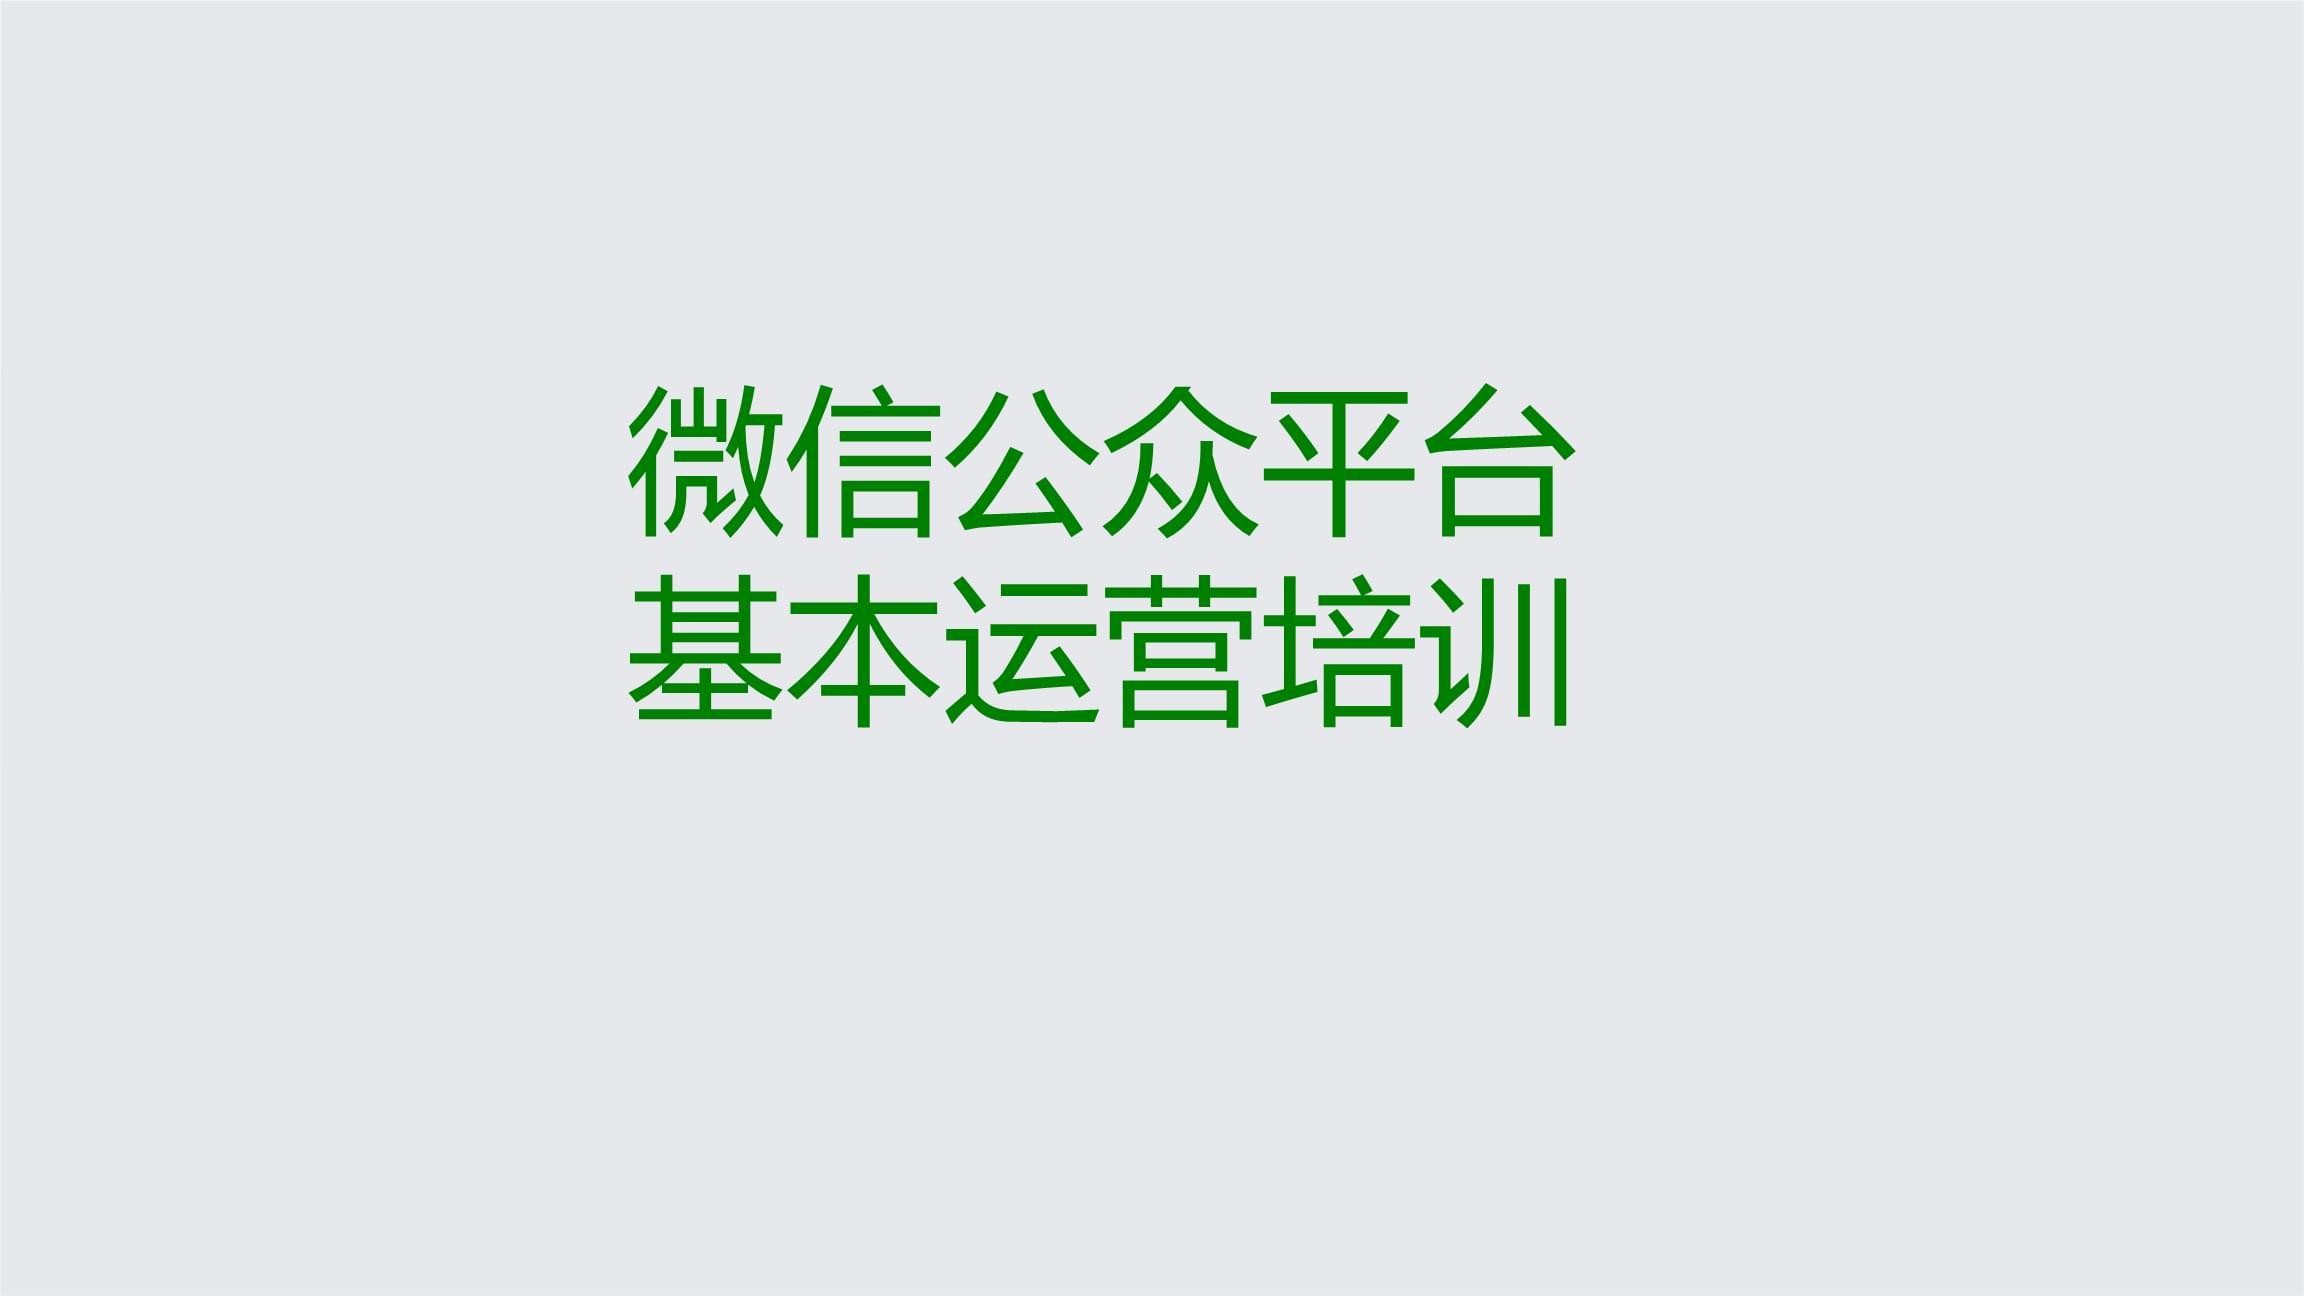 微信公众平台运营教程ppt课件[文字可编辑].ppt